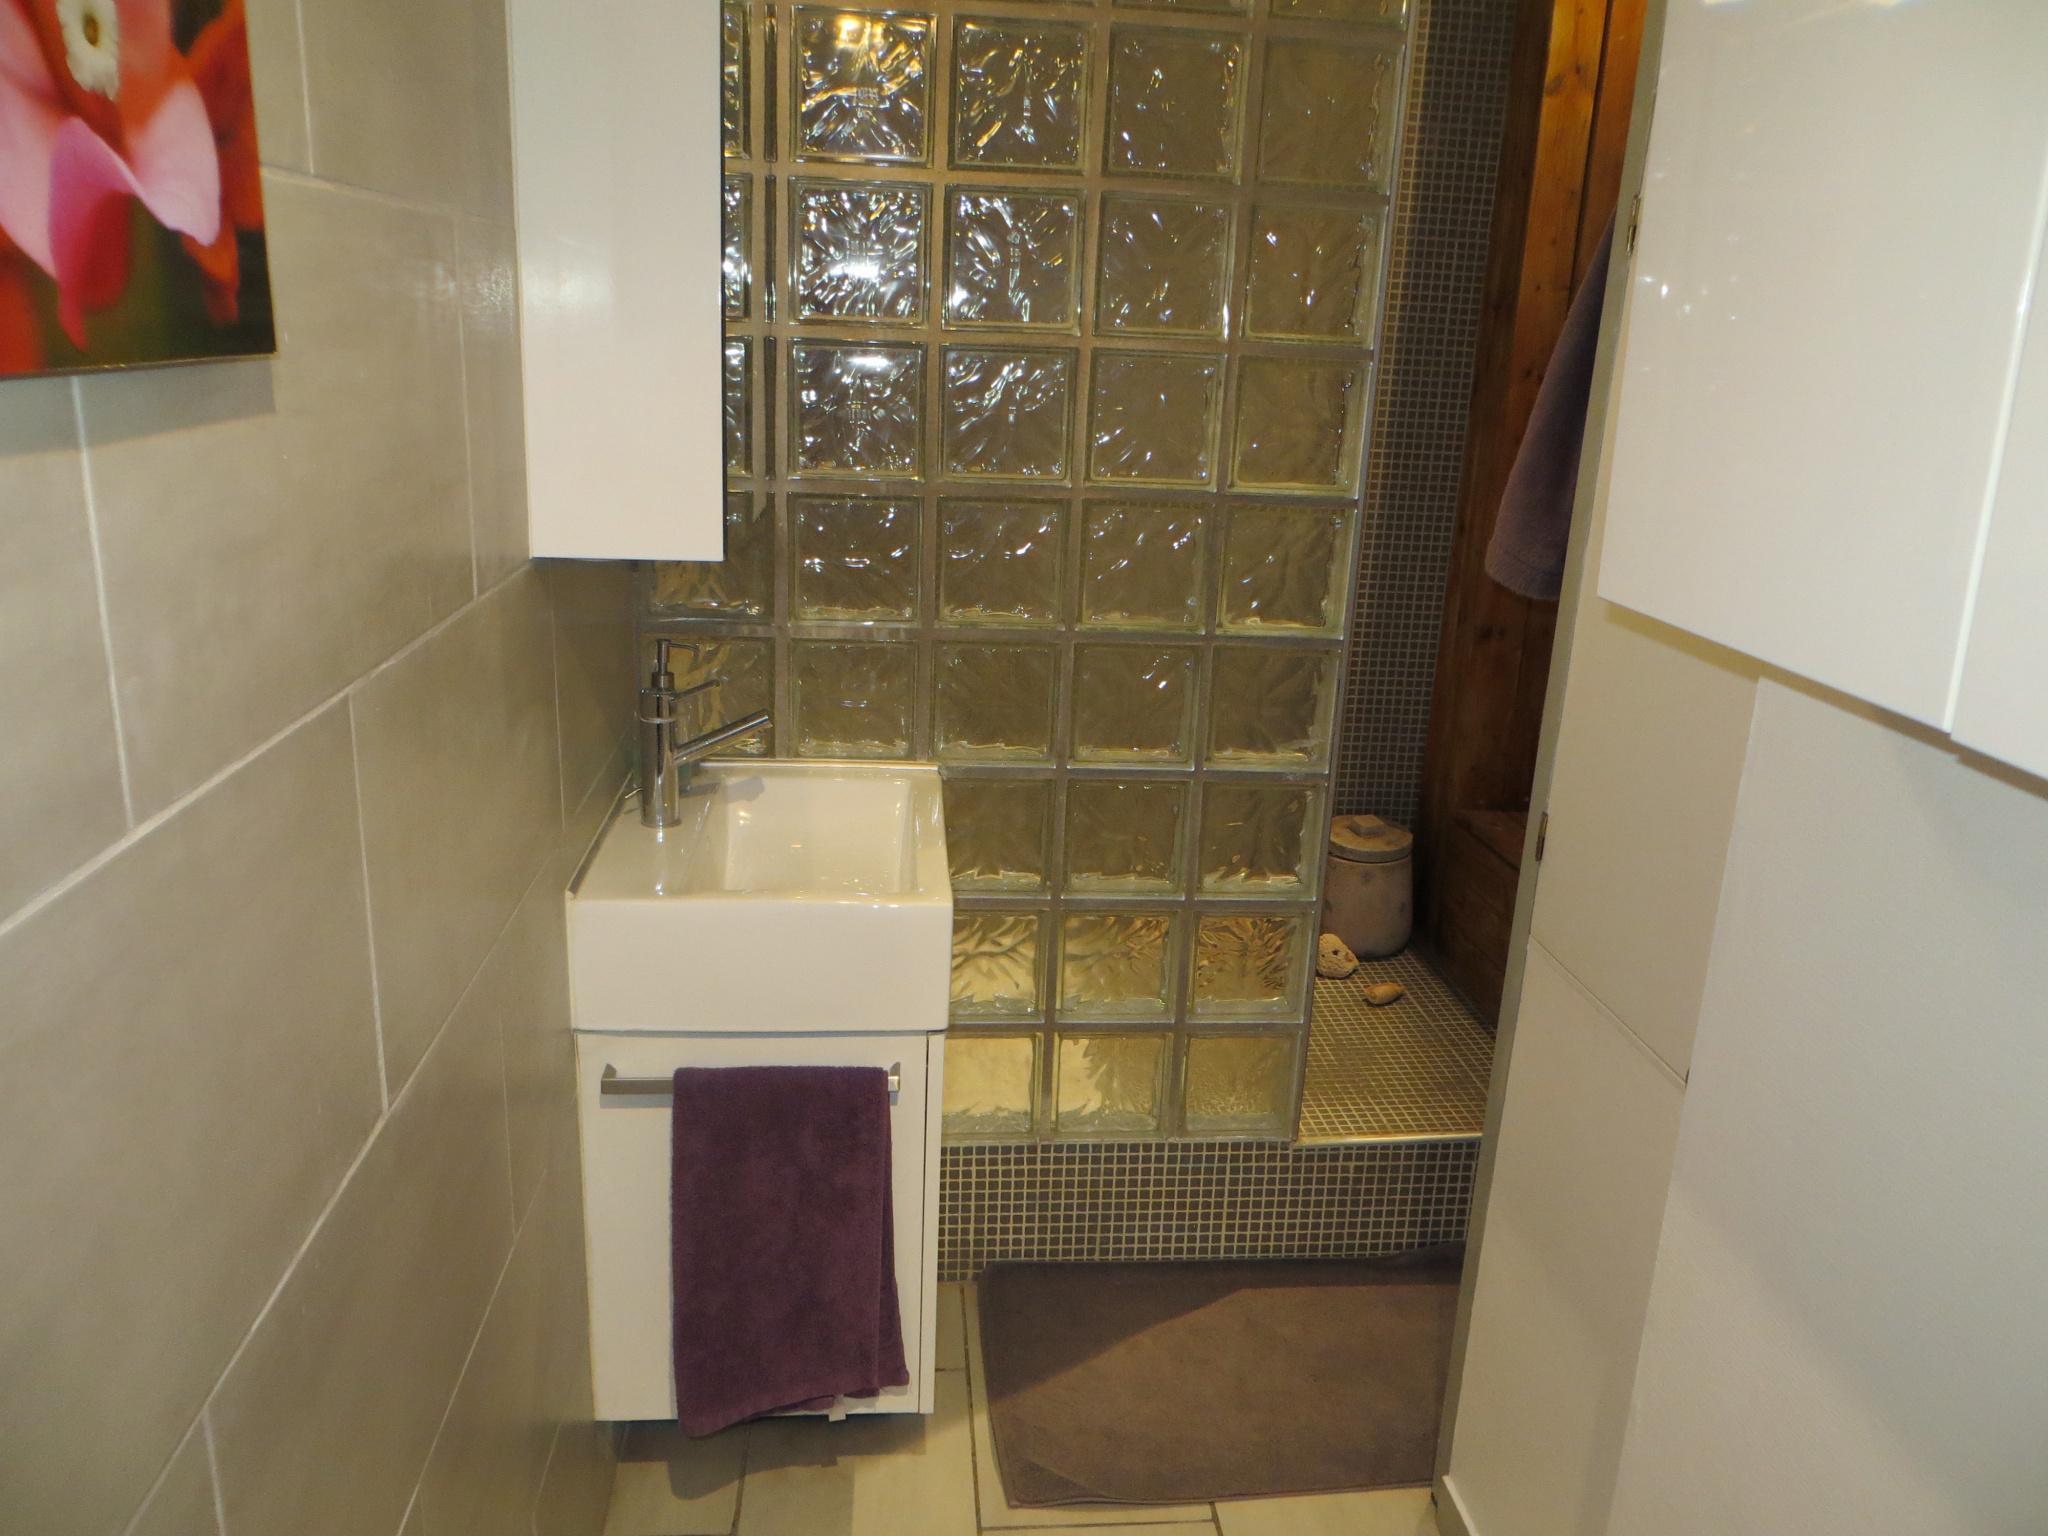 t2-meuble-43m2-1323-euros-toutes-charges-comprises